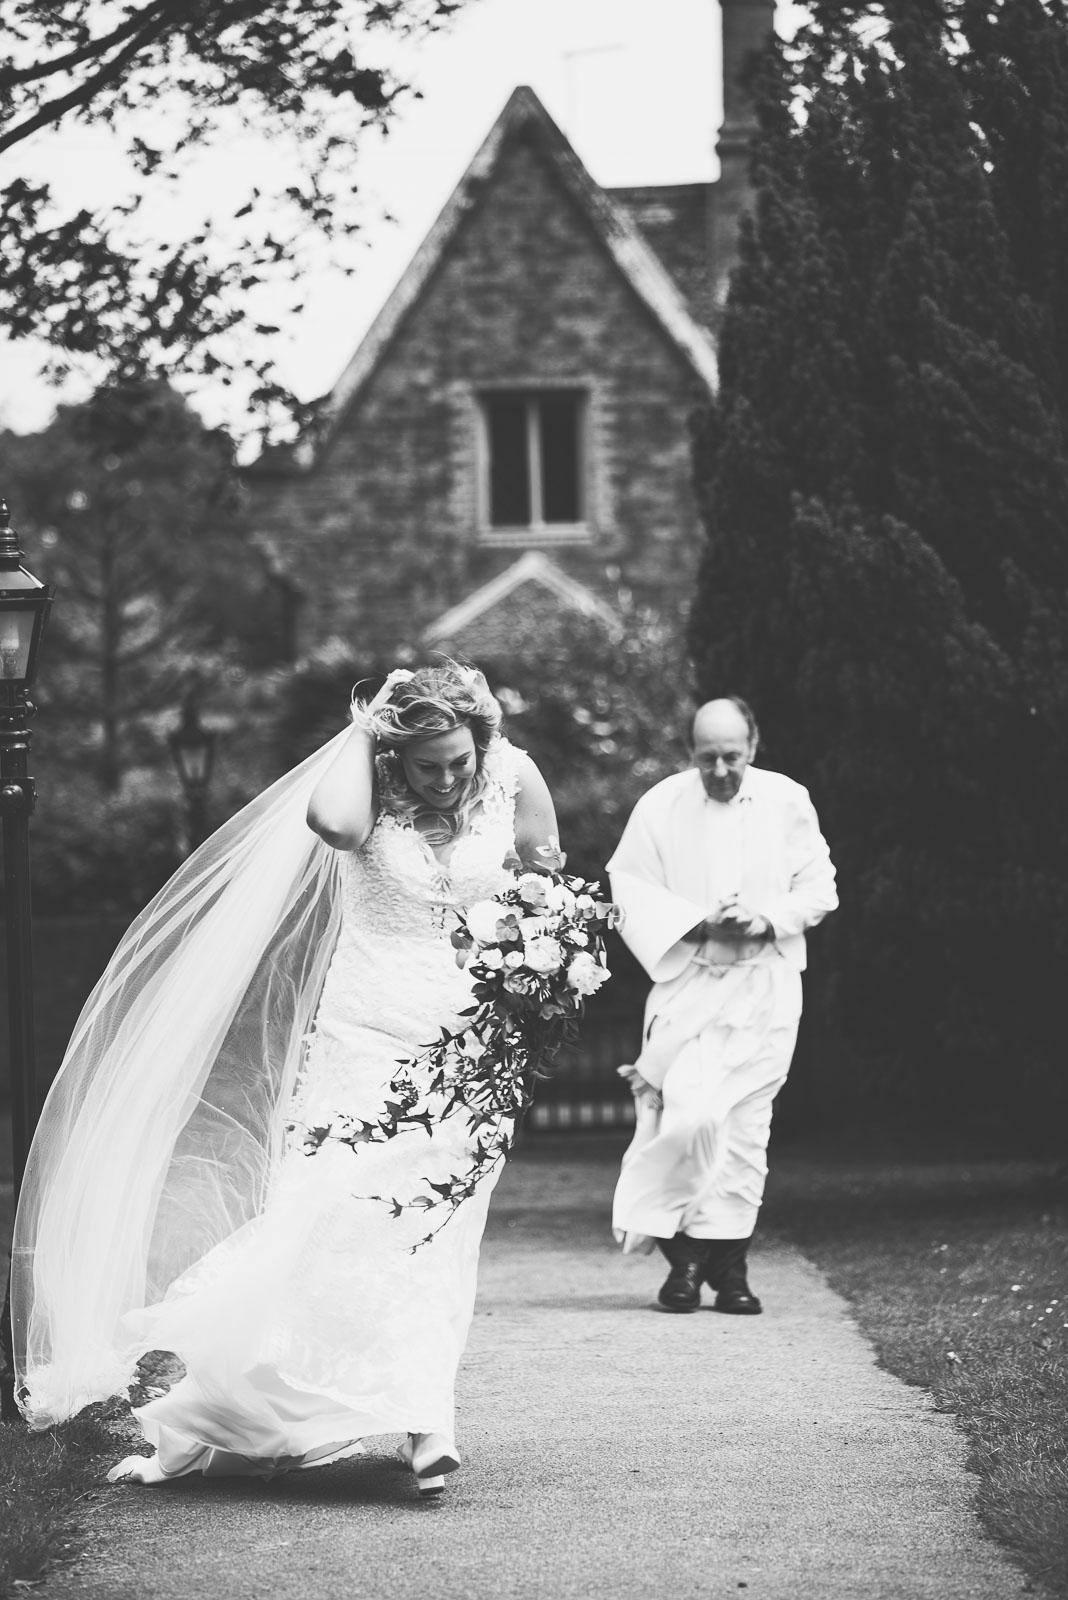 Lutonhoo-wedding-Bedfordshire-Datchworth-Tewinburyfarm-36.jpg